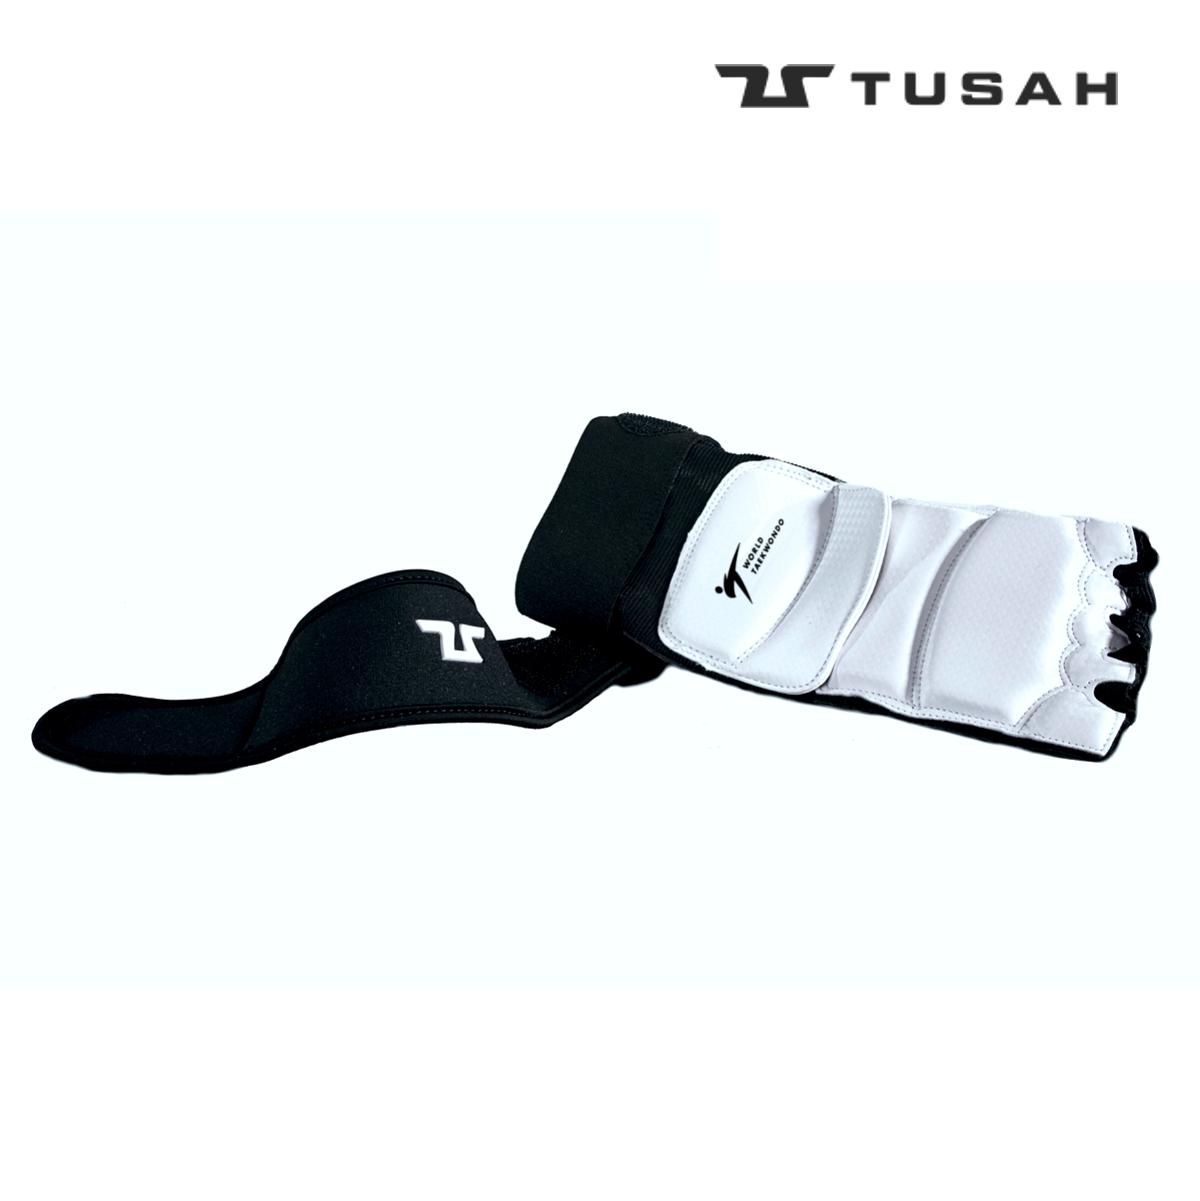 WT Taekwondo Instep